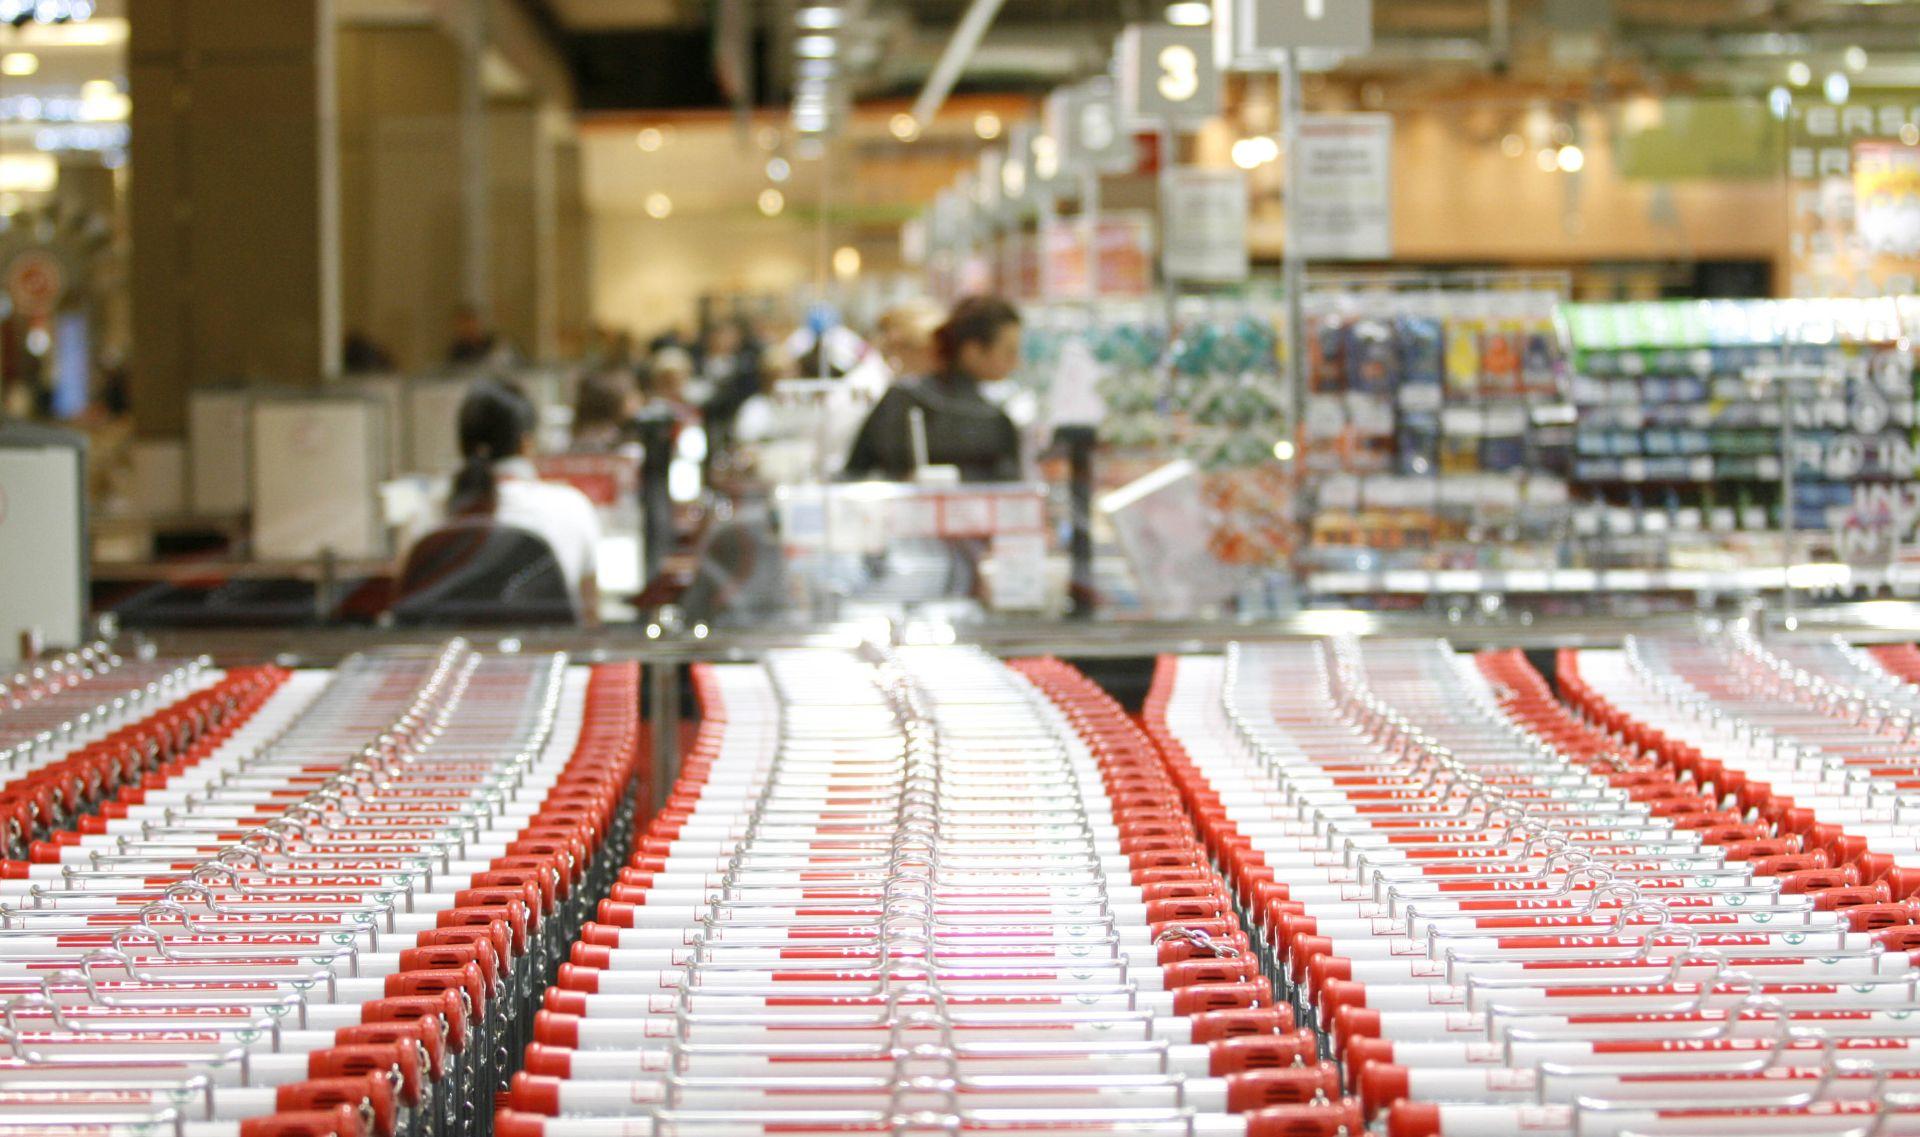 NAKON PROVEDENE KONTROLE: SPAR povukao iz prodaje pureća prsa zaražena salmonelom, oglasio se i Lidl